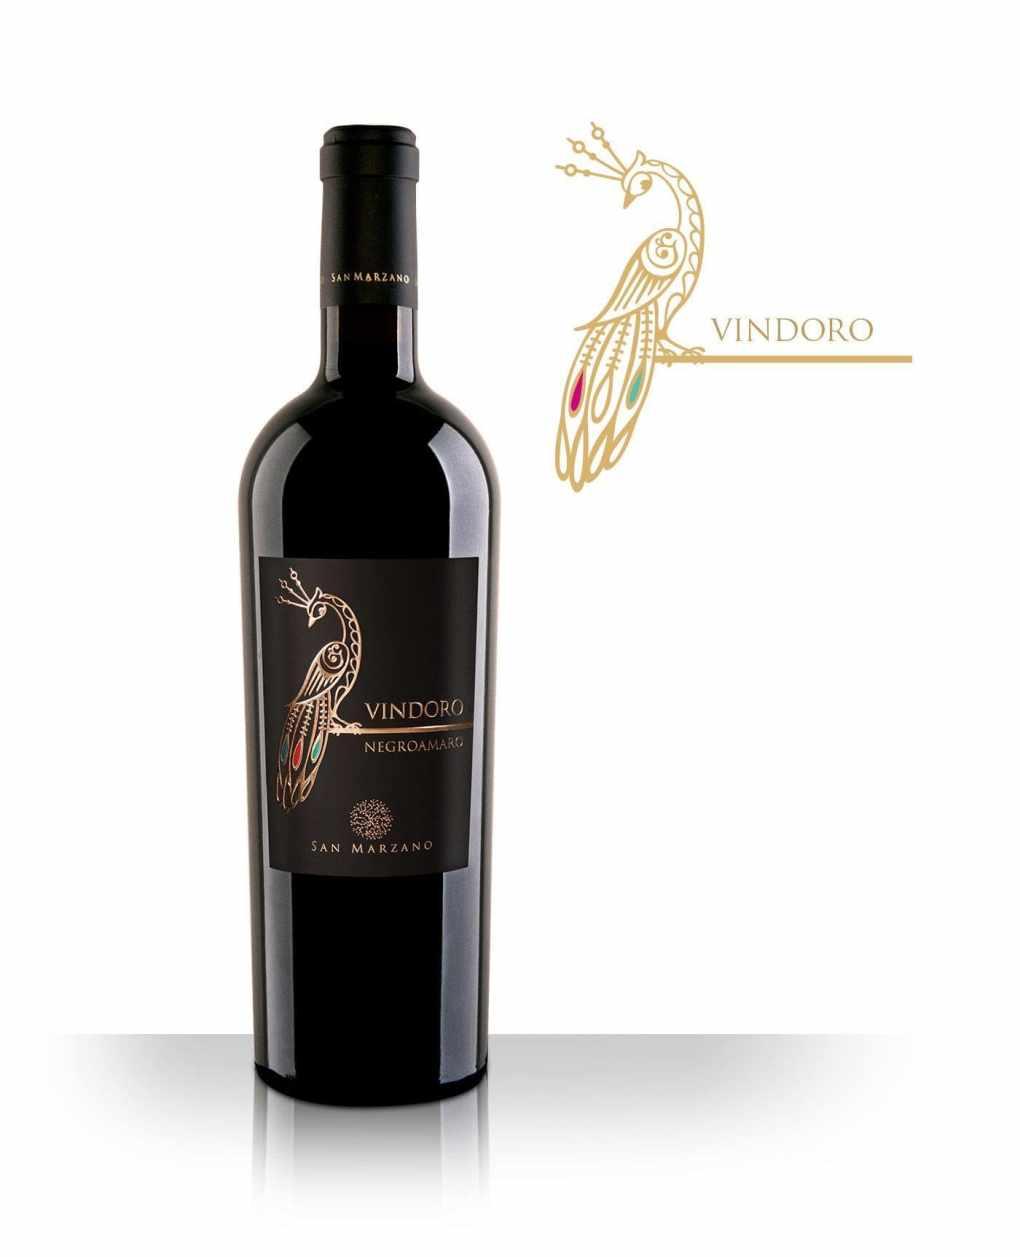 Bán rượu vang vindoro negroamaro tại Vĩnh Long giá tốt nhất